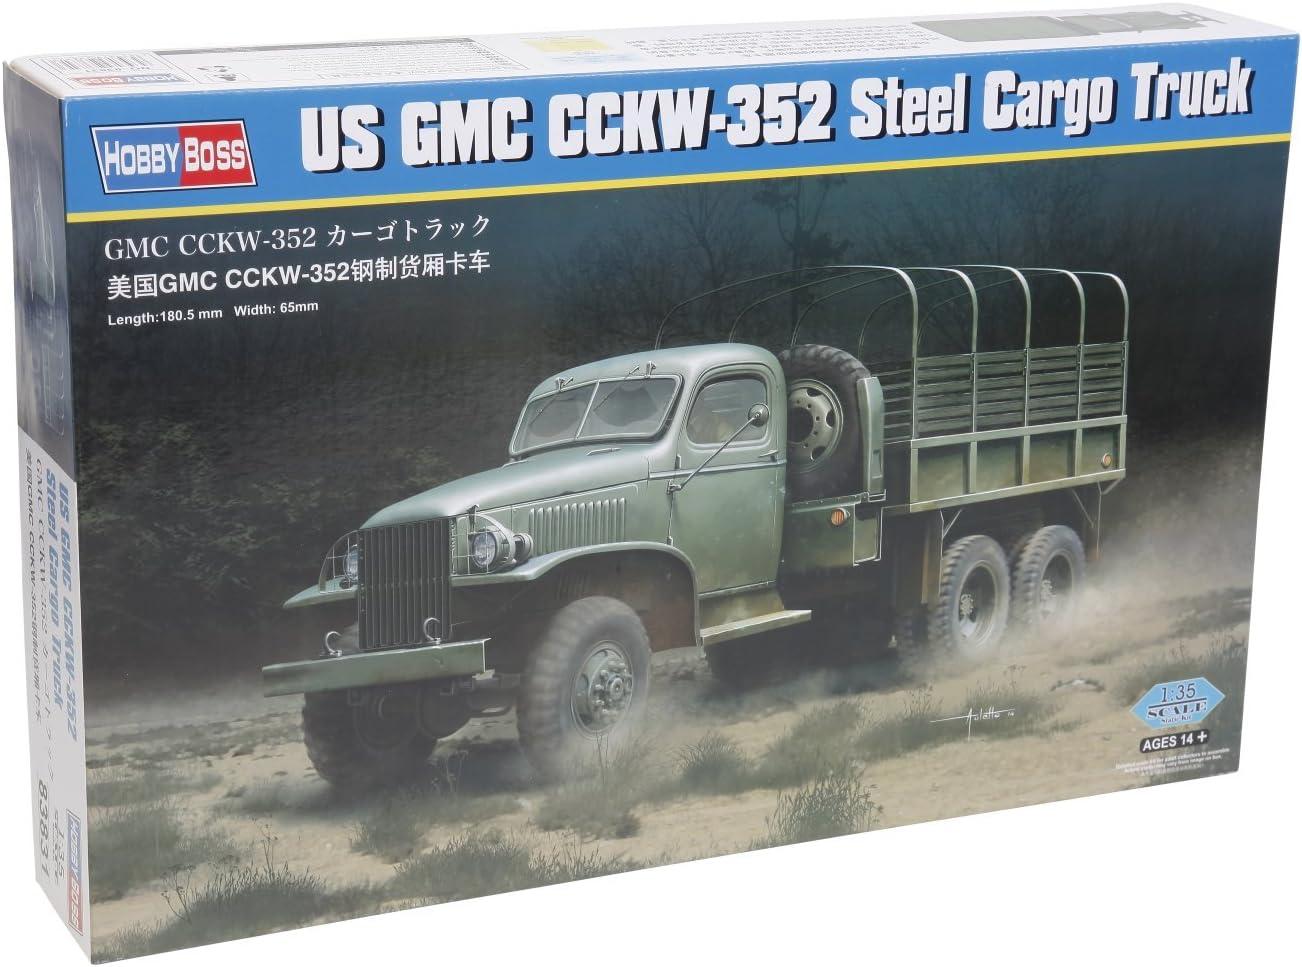 Kit Hobbyboss 1:35 83.831 de Estados Unidos GMC Truck CCKW 352 Acero Cargo Modelo Militar